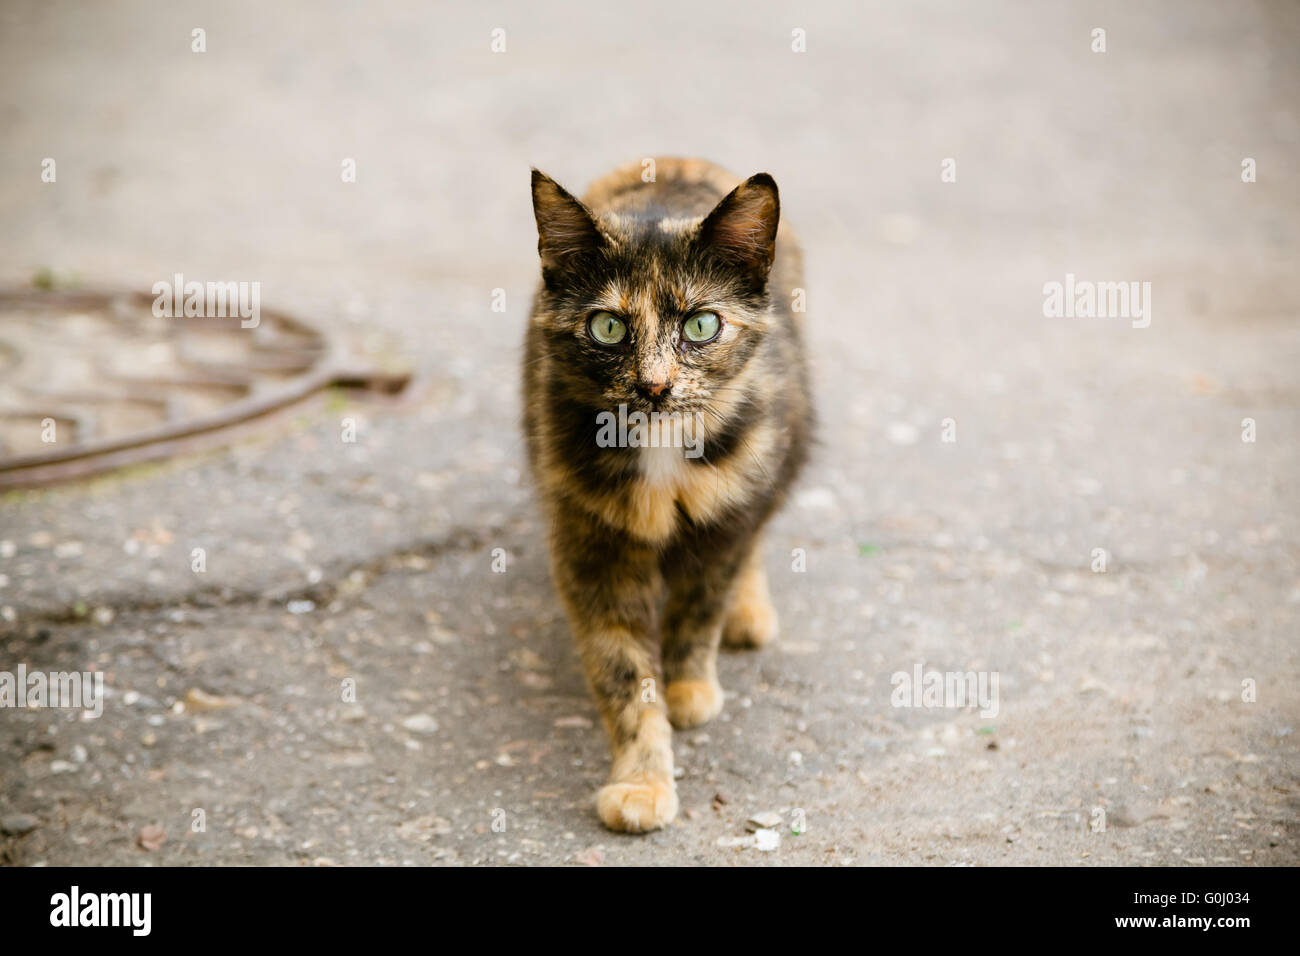 Porträt von Katze zu Fuß an der Straße Stockbild